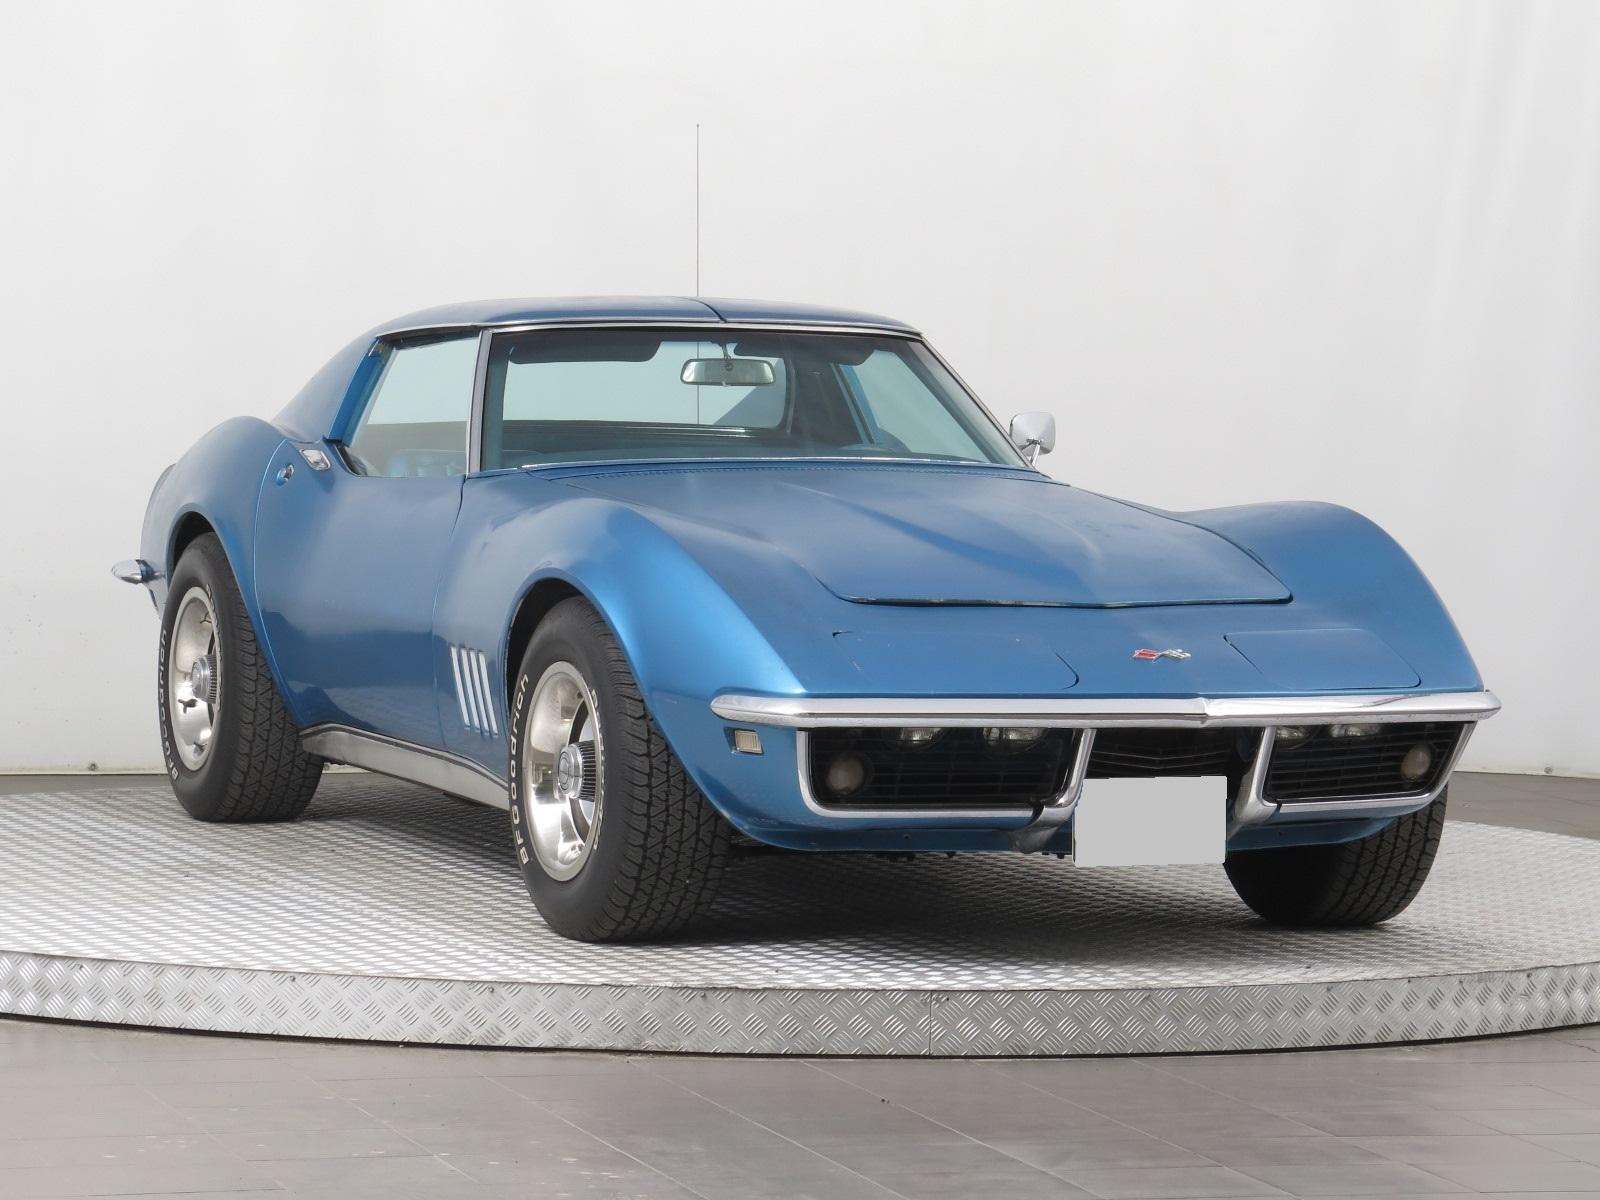 Chevrolet Corvette 5.4 V8 224kW kupé benzin